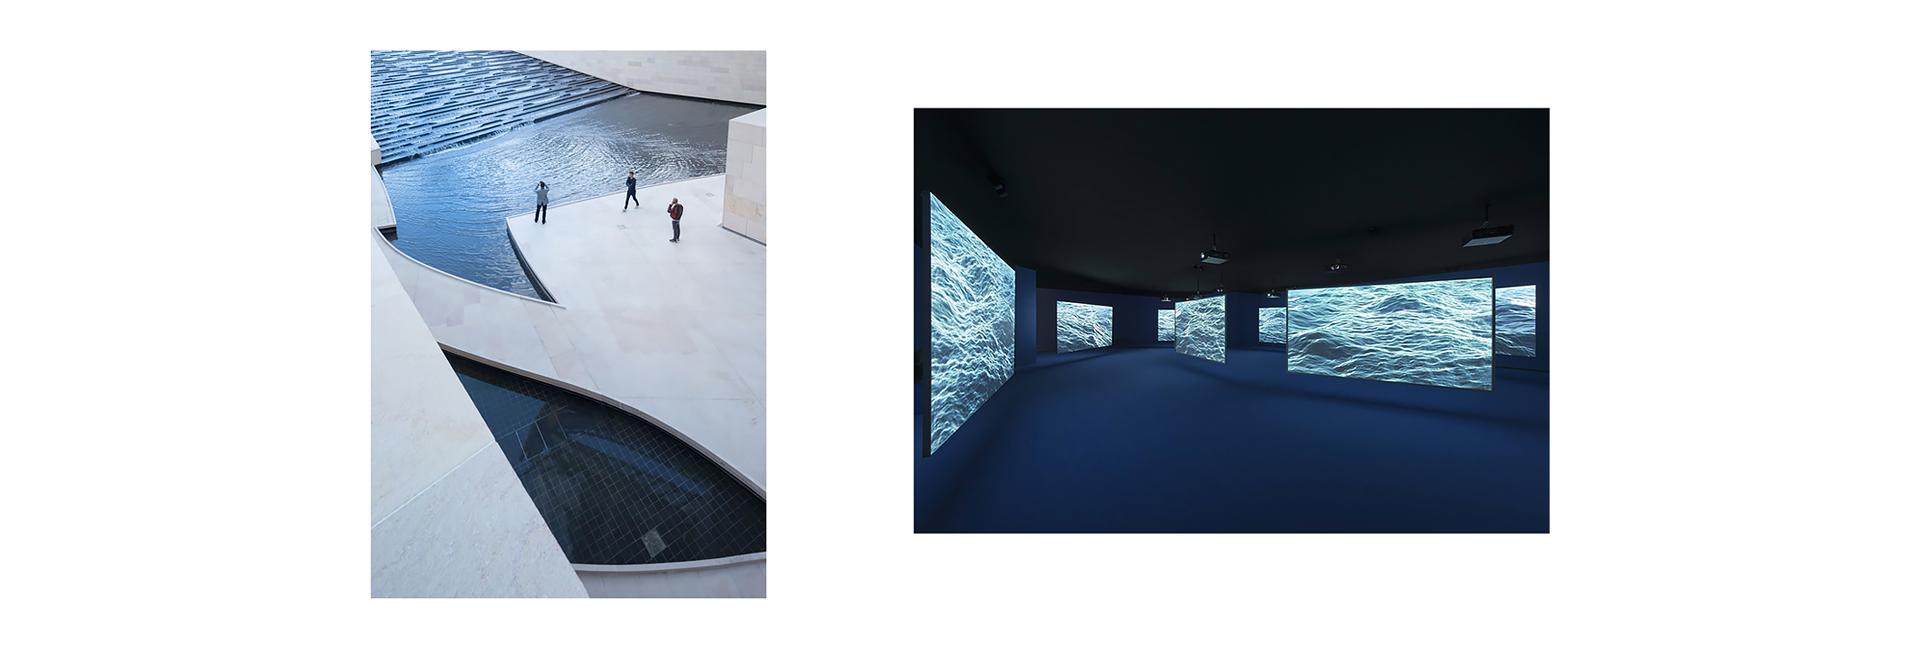 Как устроены частные музеи Louis Vuitton и Prada (фото 2)